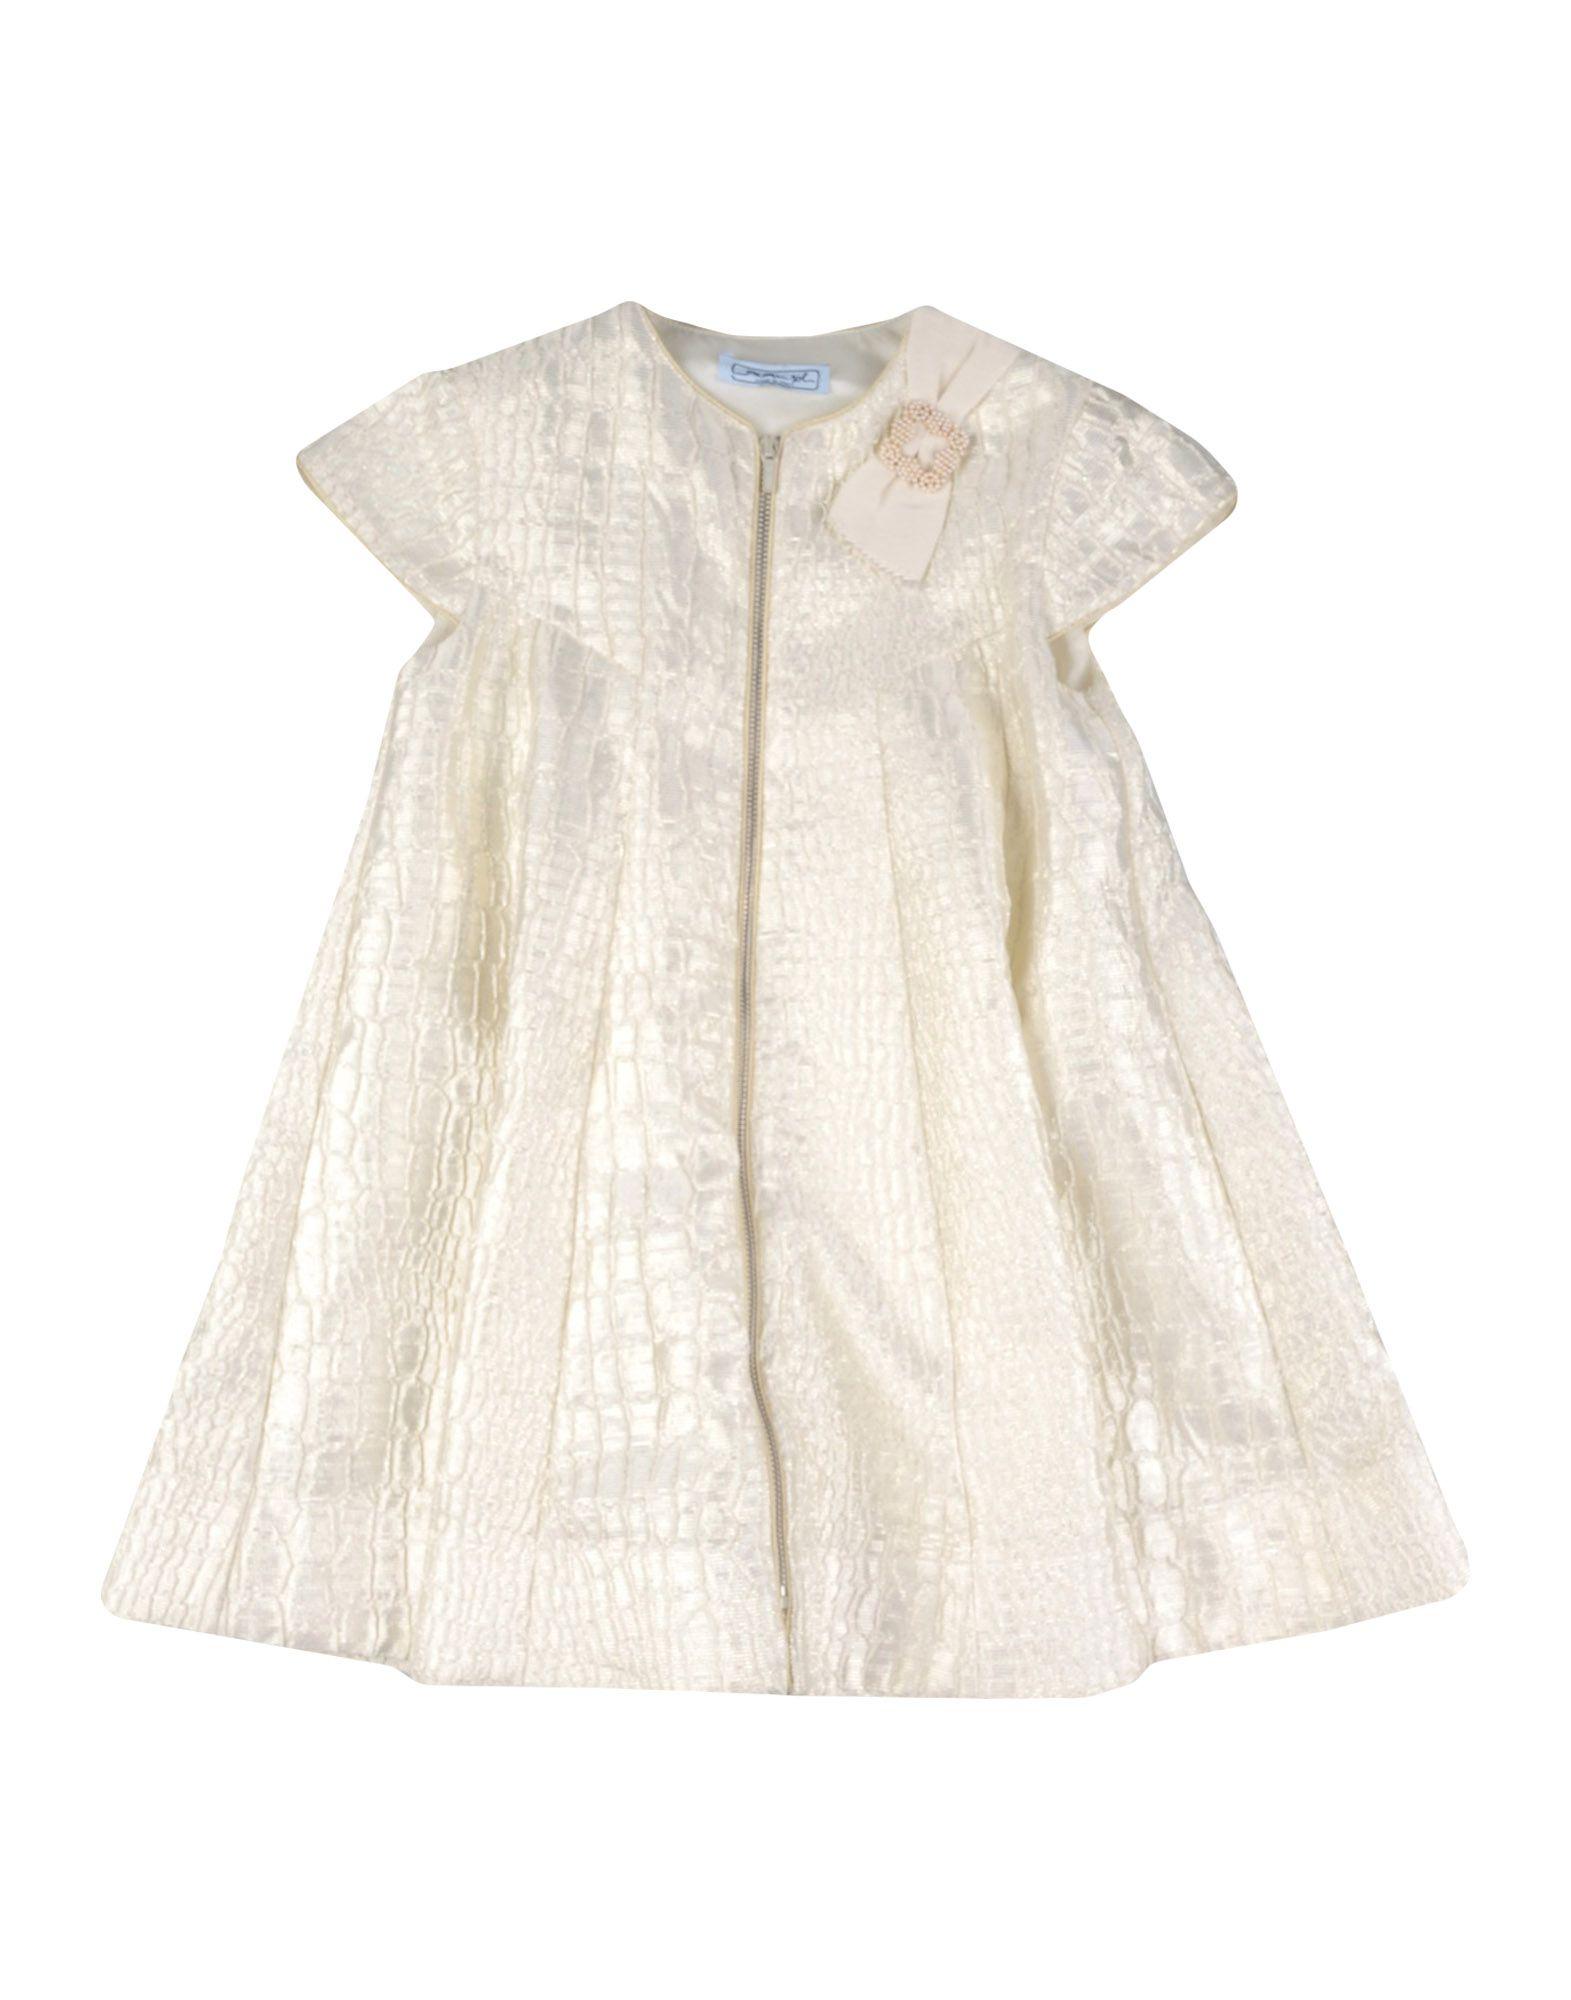 《送料無料》MIMISOL ガールズ 3-8 歳 ワンピース&ドレス アイボリー 8 ポリエステル 80% / シルク 13% / ポリアクリル 7%